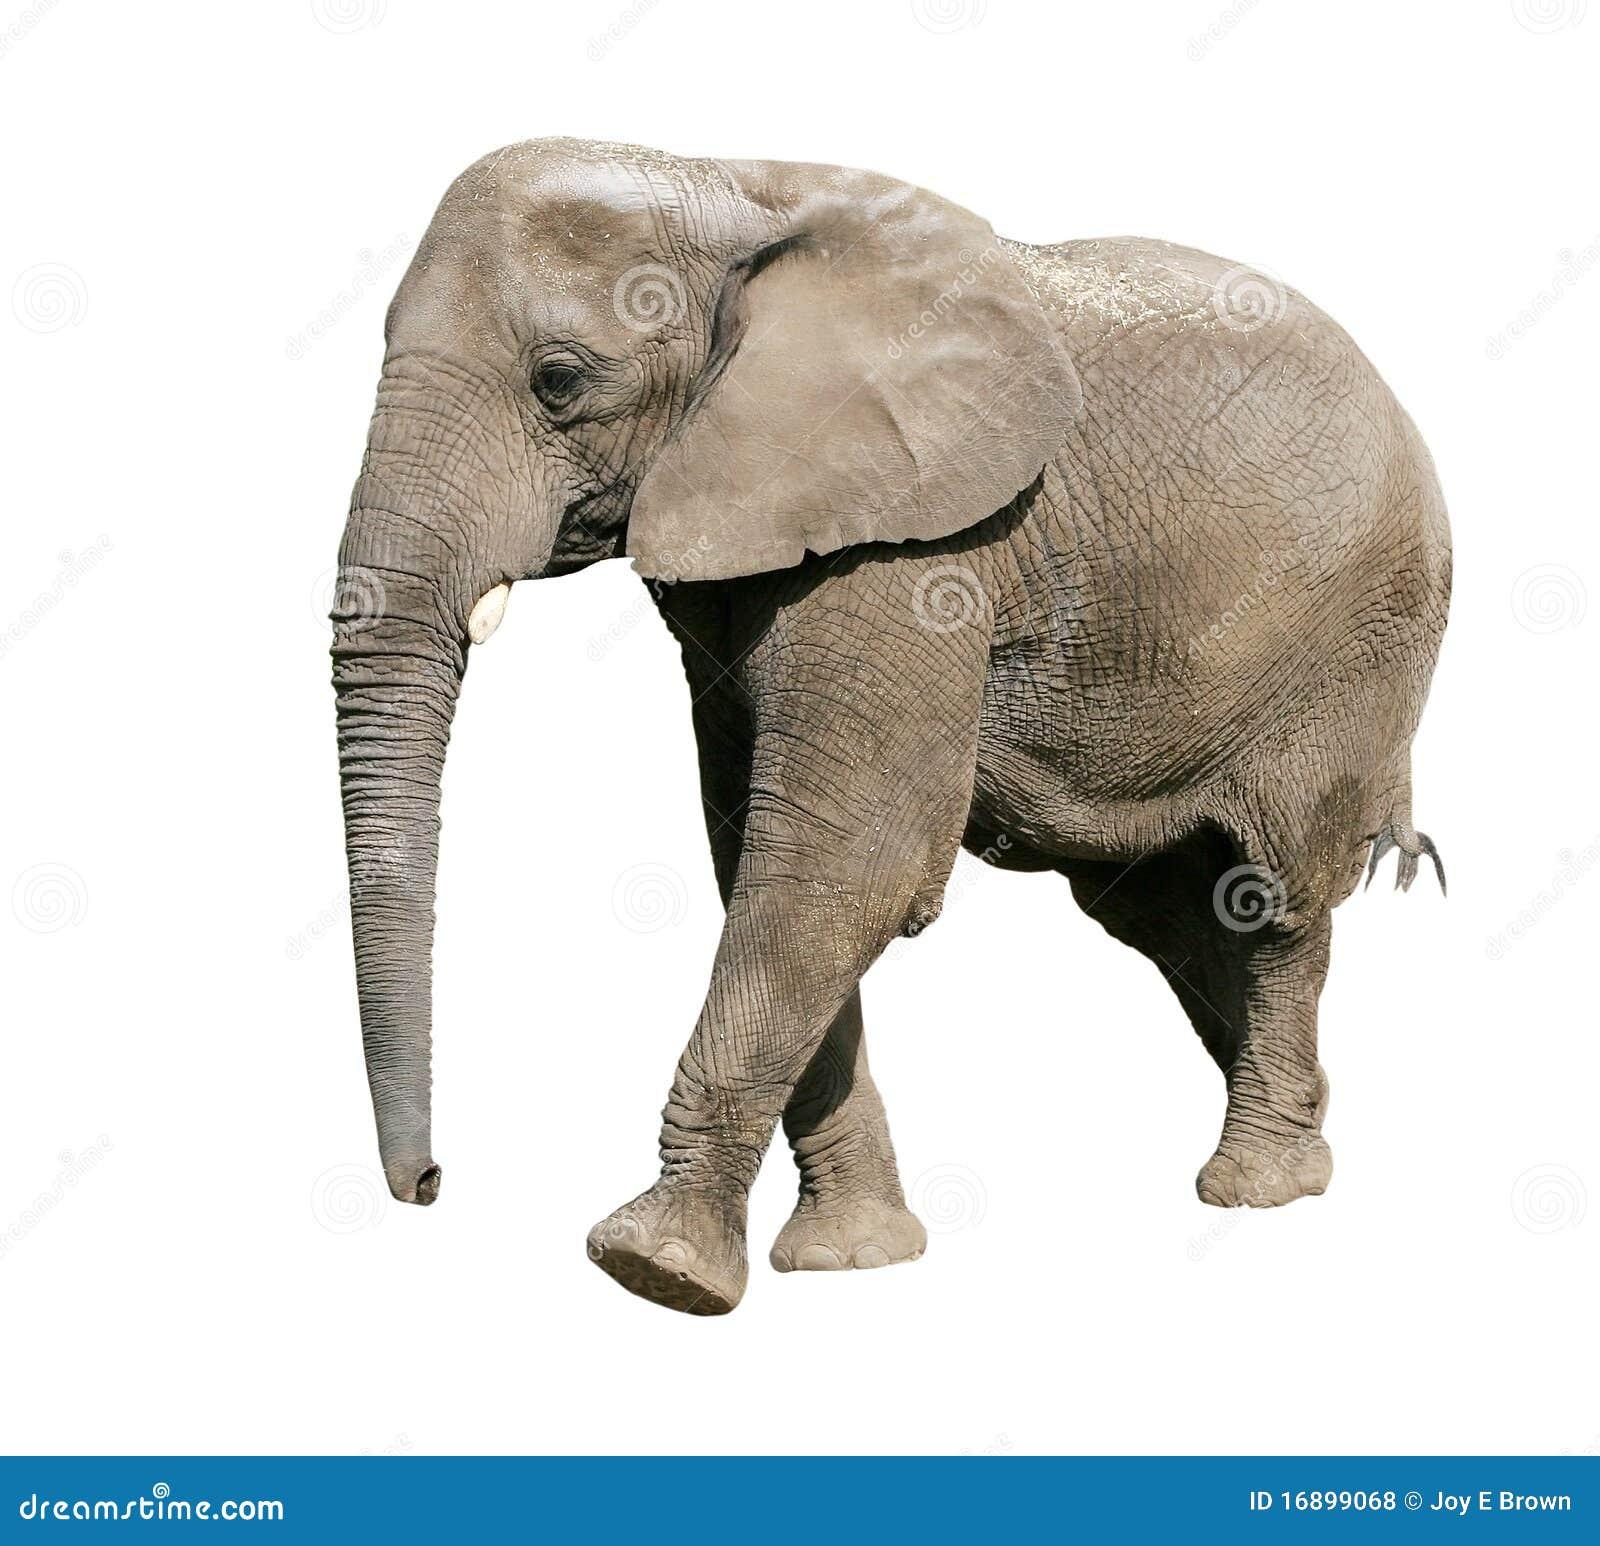 African elephant stock photo image of walking mammal 16899068 - Image elephant ...